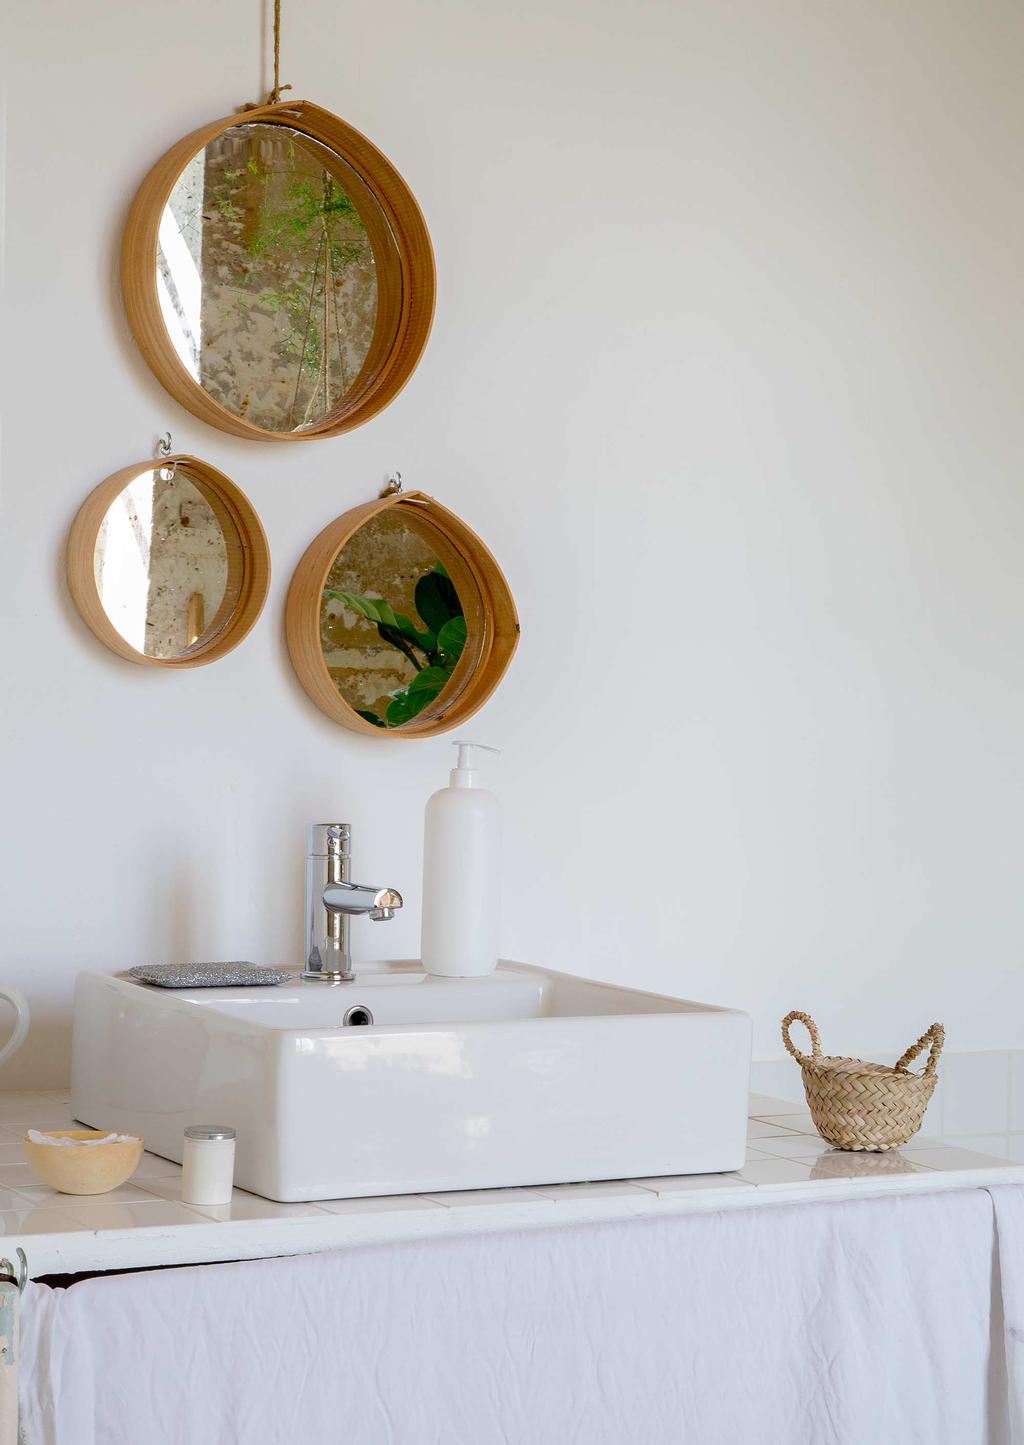 déco château charentais salle de bain blanche minimaliste épurée miroir rond lavabo carré pierre blanc